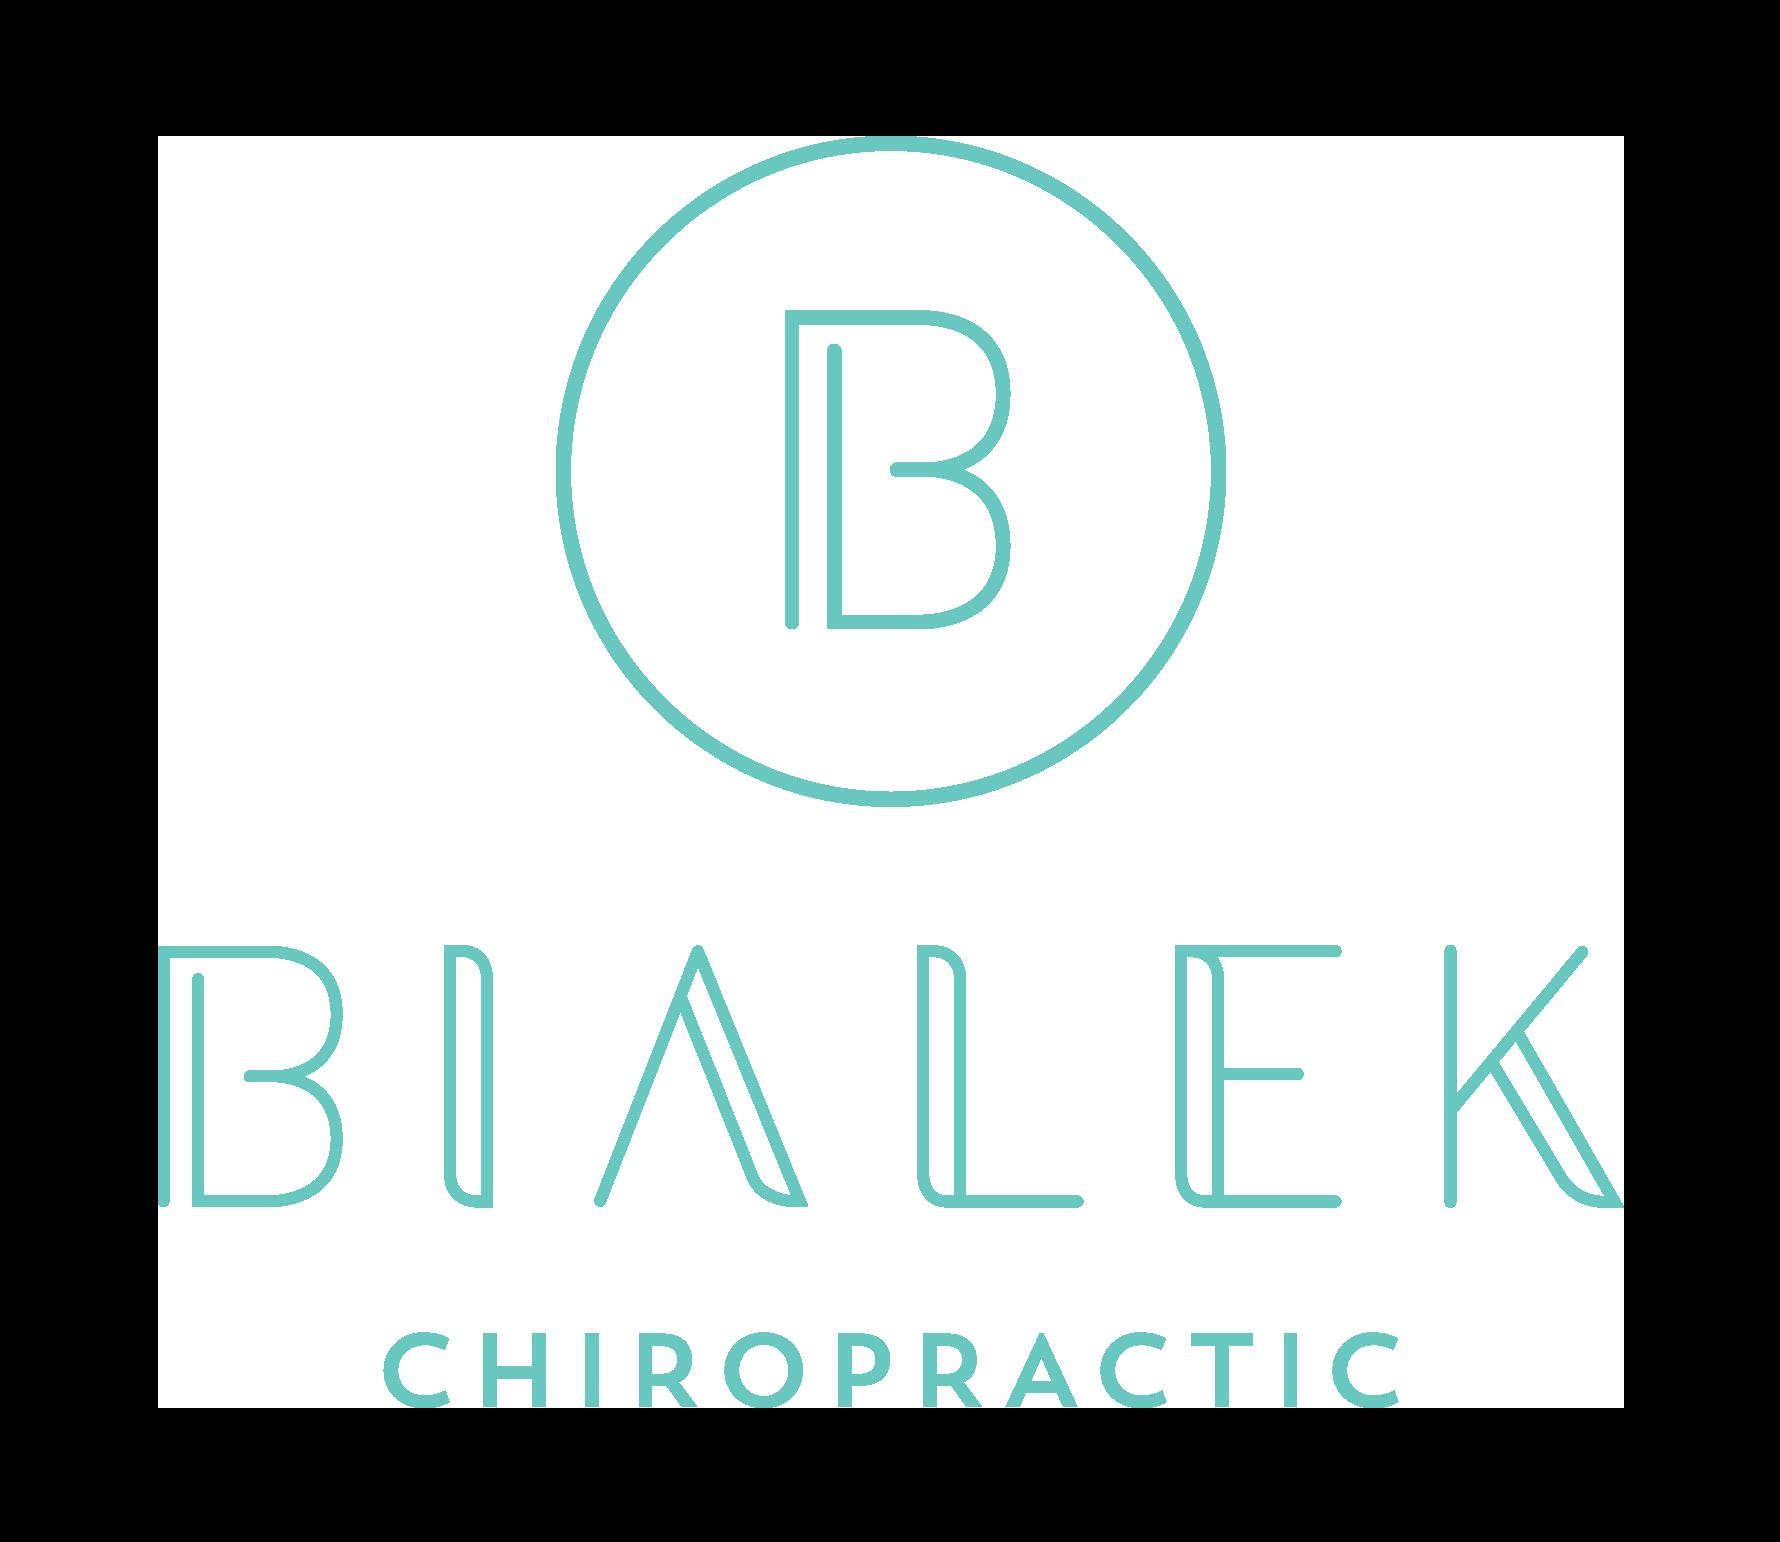 Bialek Chiropractic